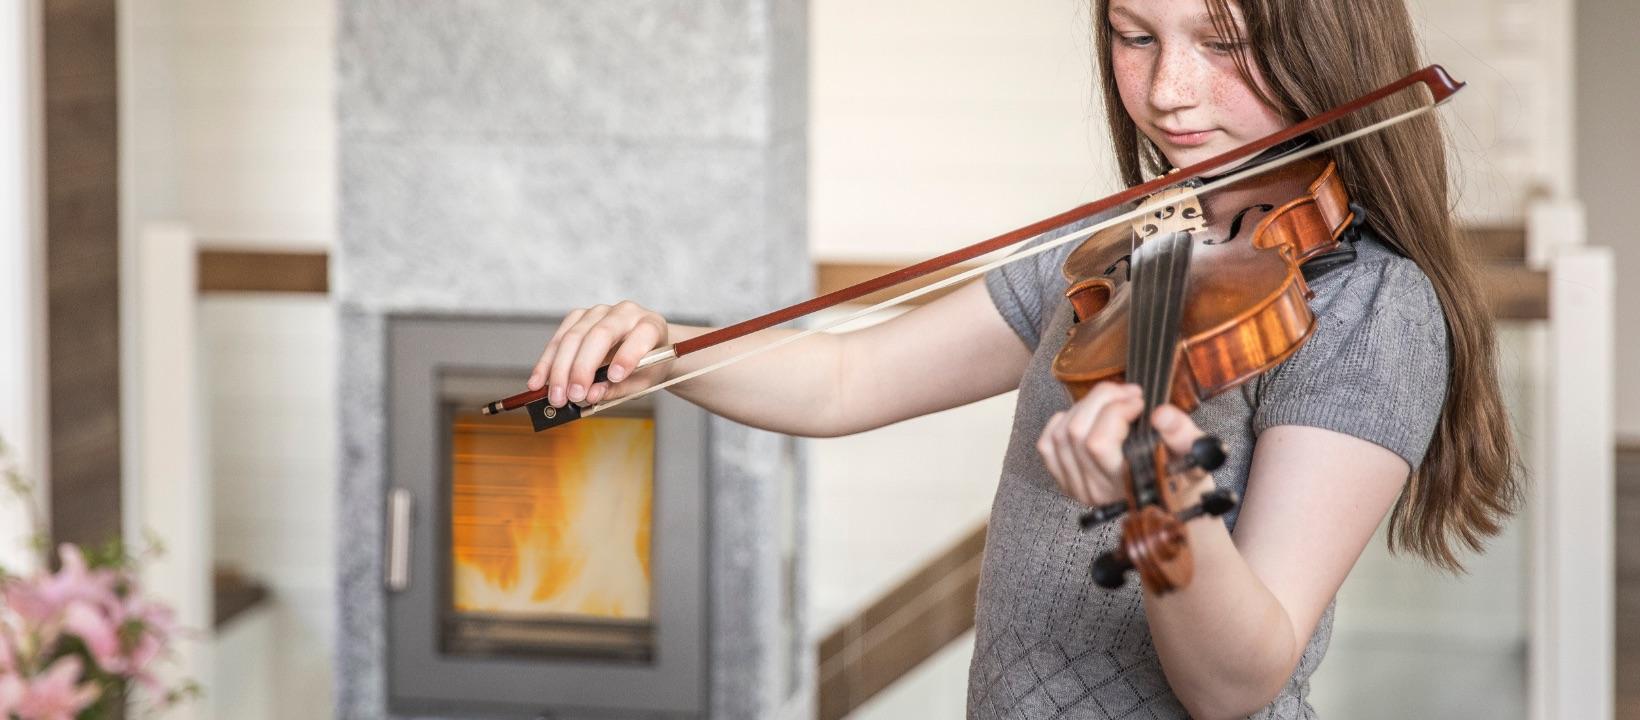 Sfeerbeeld van meisje dat viool speelt in een kamer verwarmd door een Norsk Kleber kachel